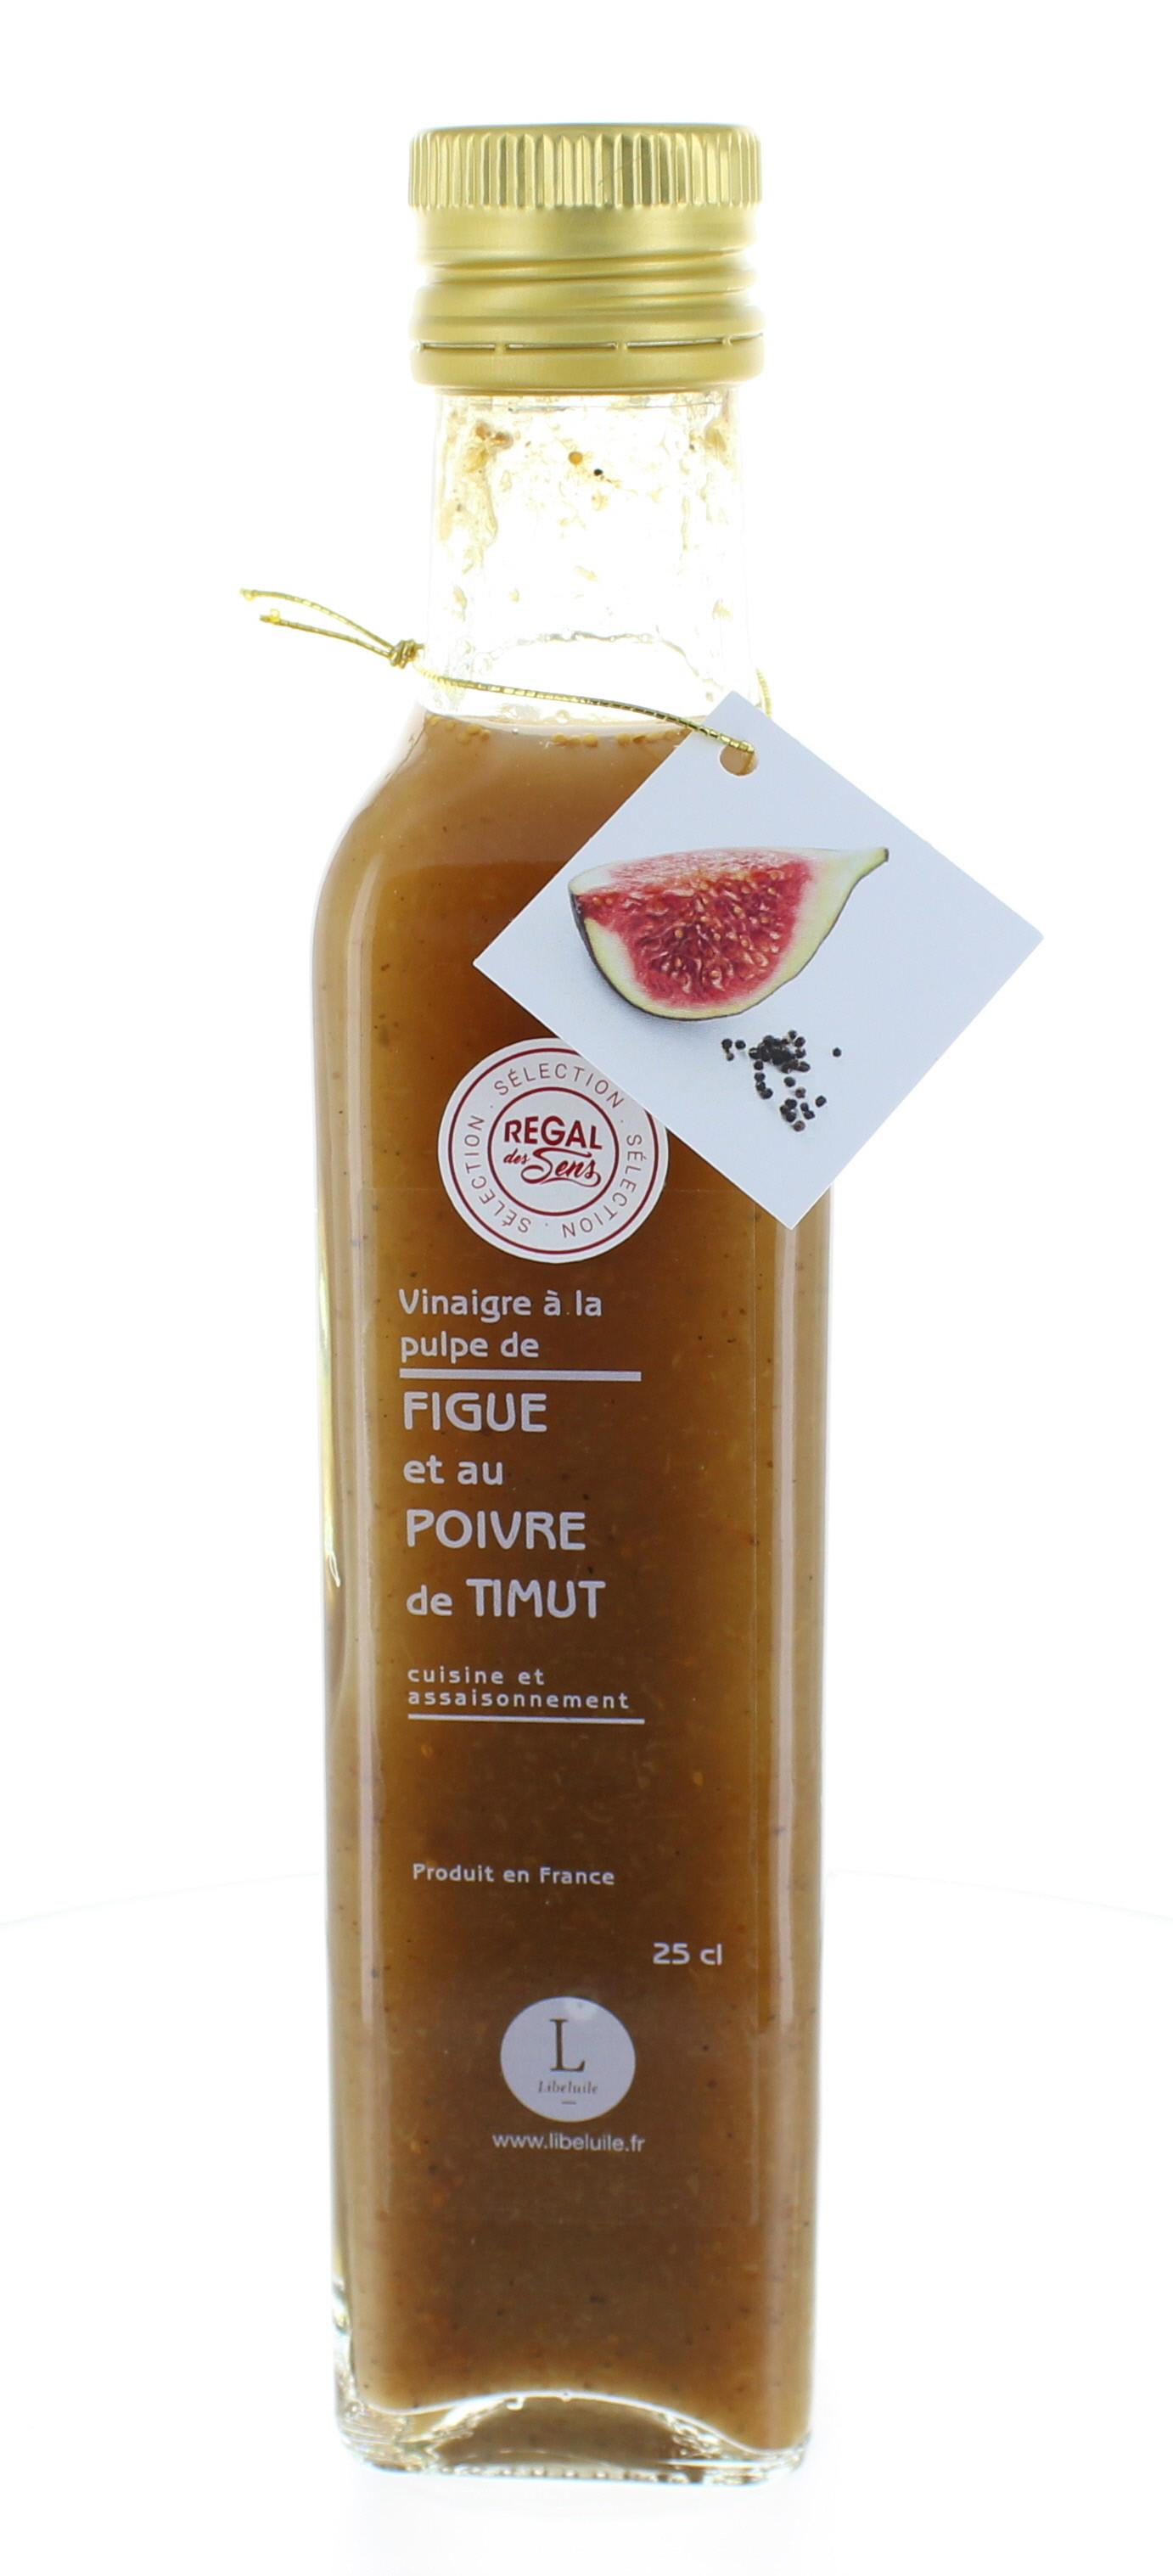 Vinaigre à la pulpe de figue et au poivre de Timut